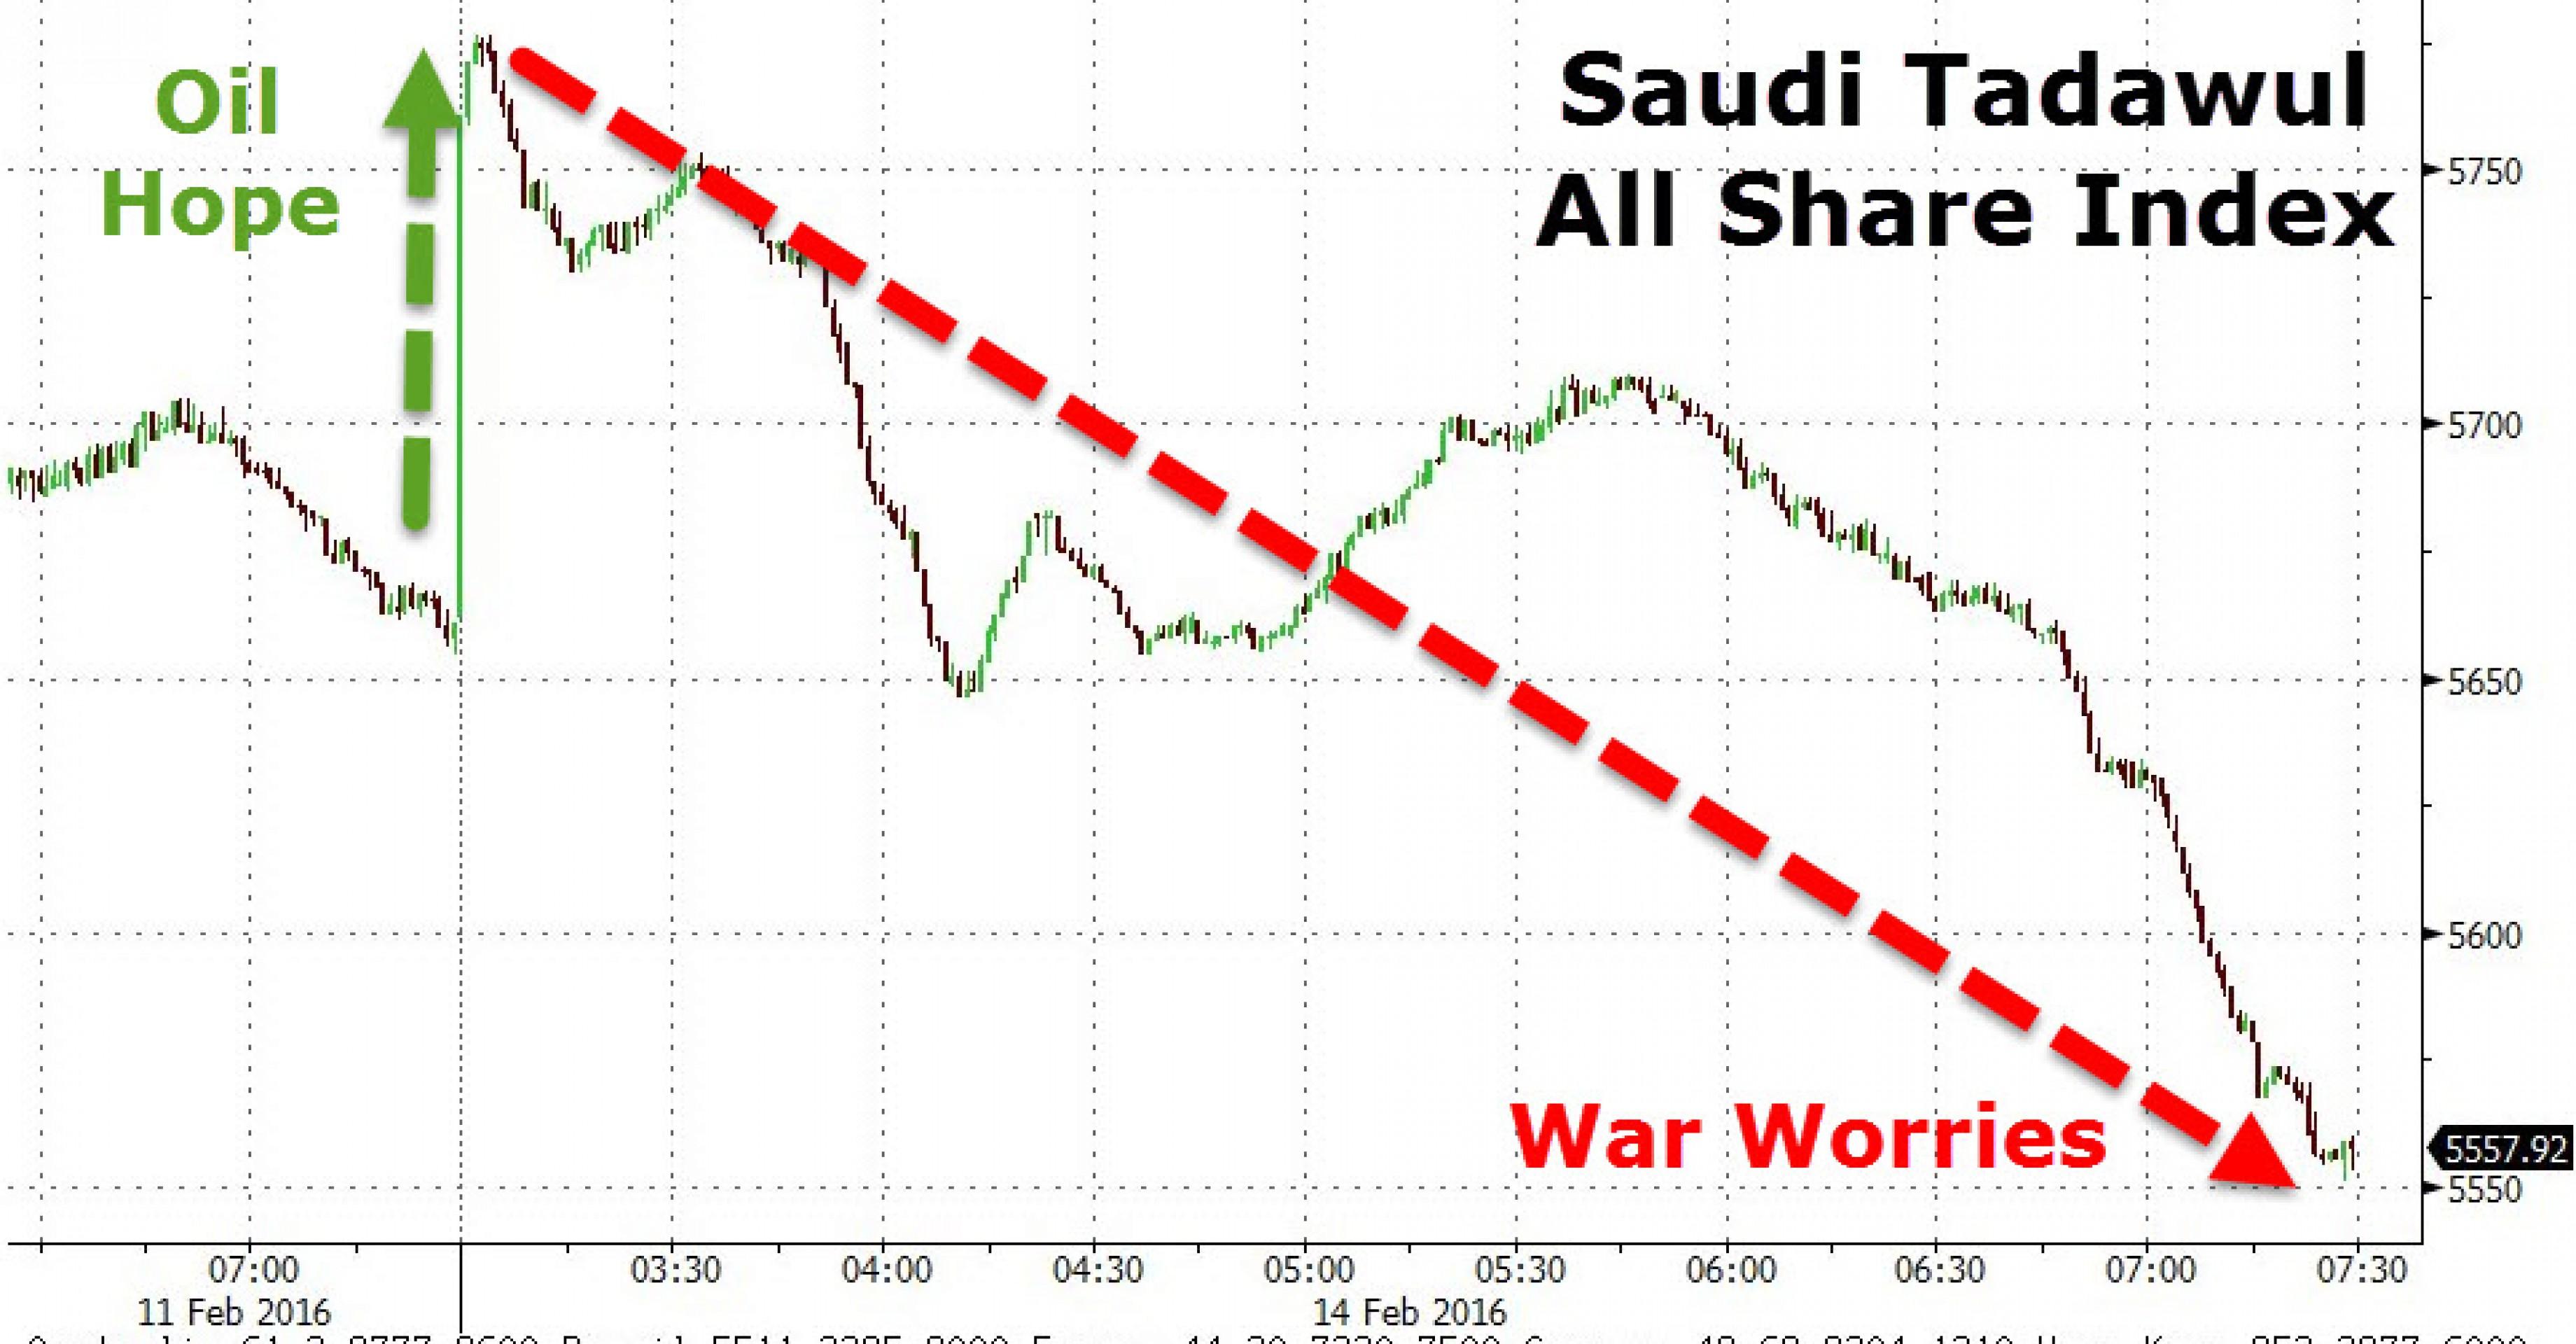 Рынок Саудовской Аравии в ожидании войны